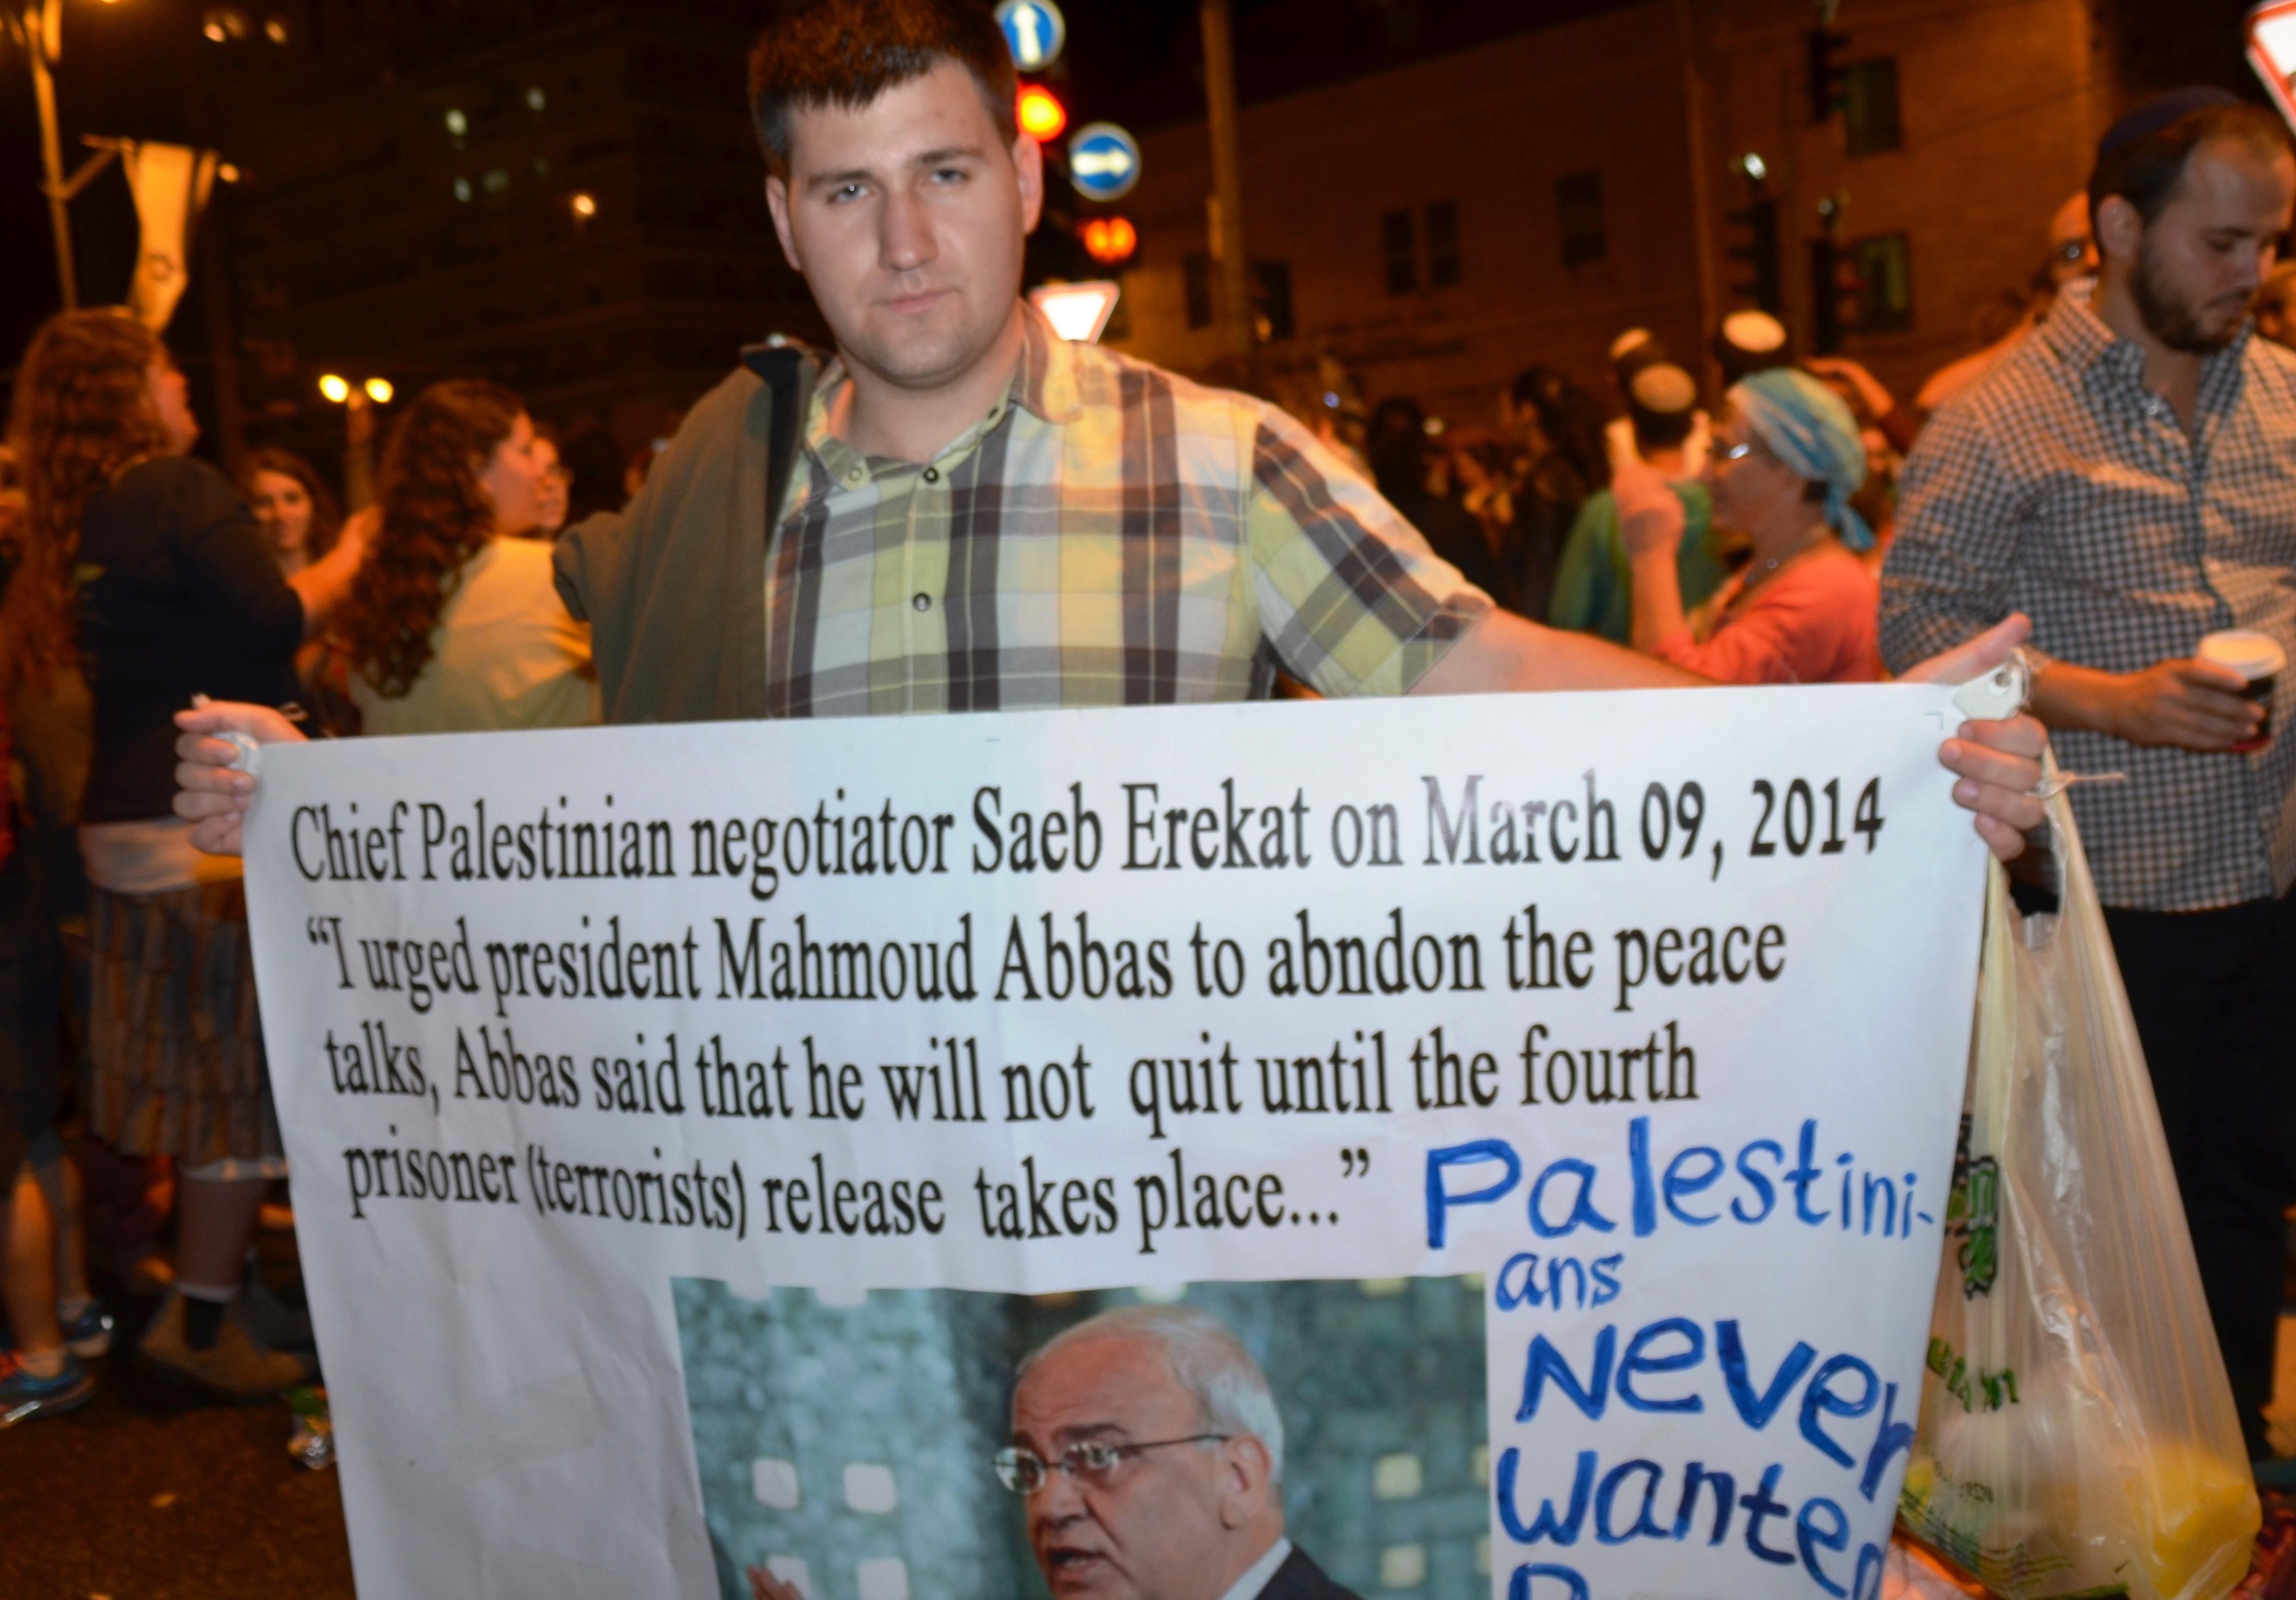 protest Palestinian violence